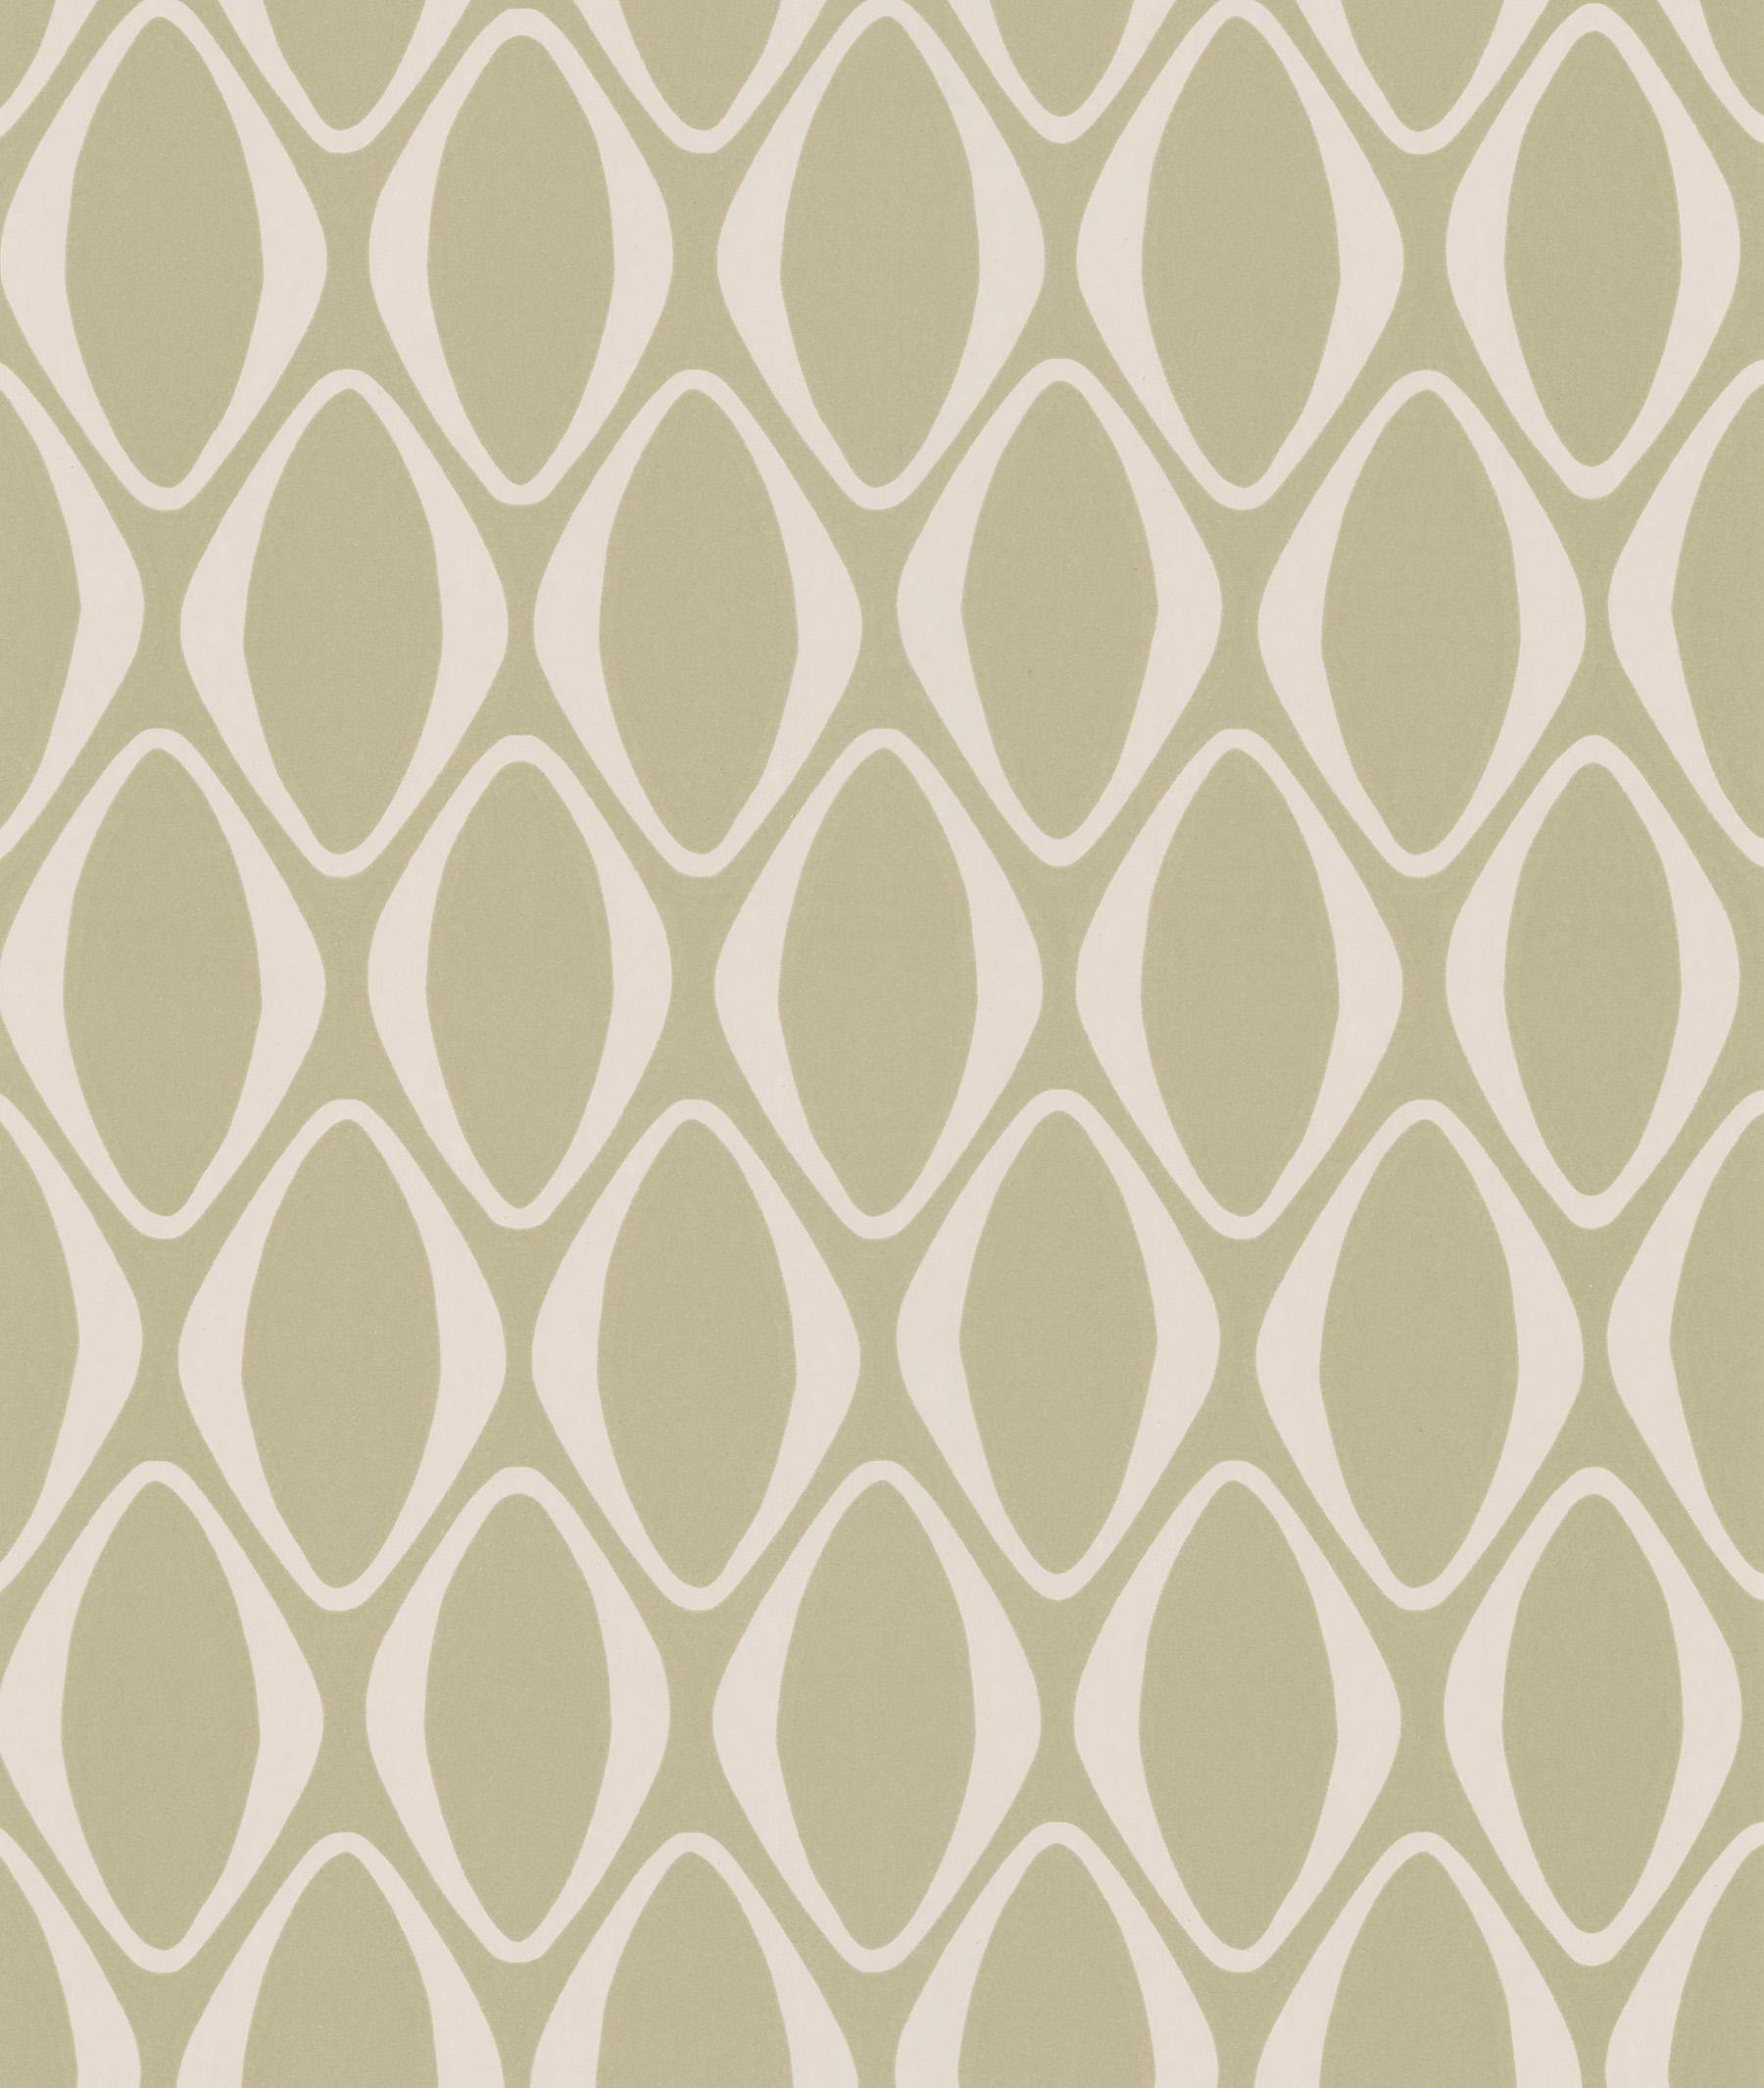 wall coveringsdesigner wallpaperdesigner wallcoveringsecho design 1800x2131